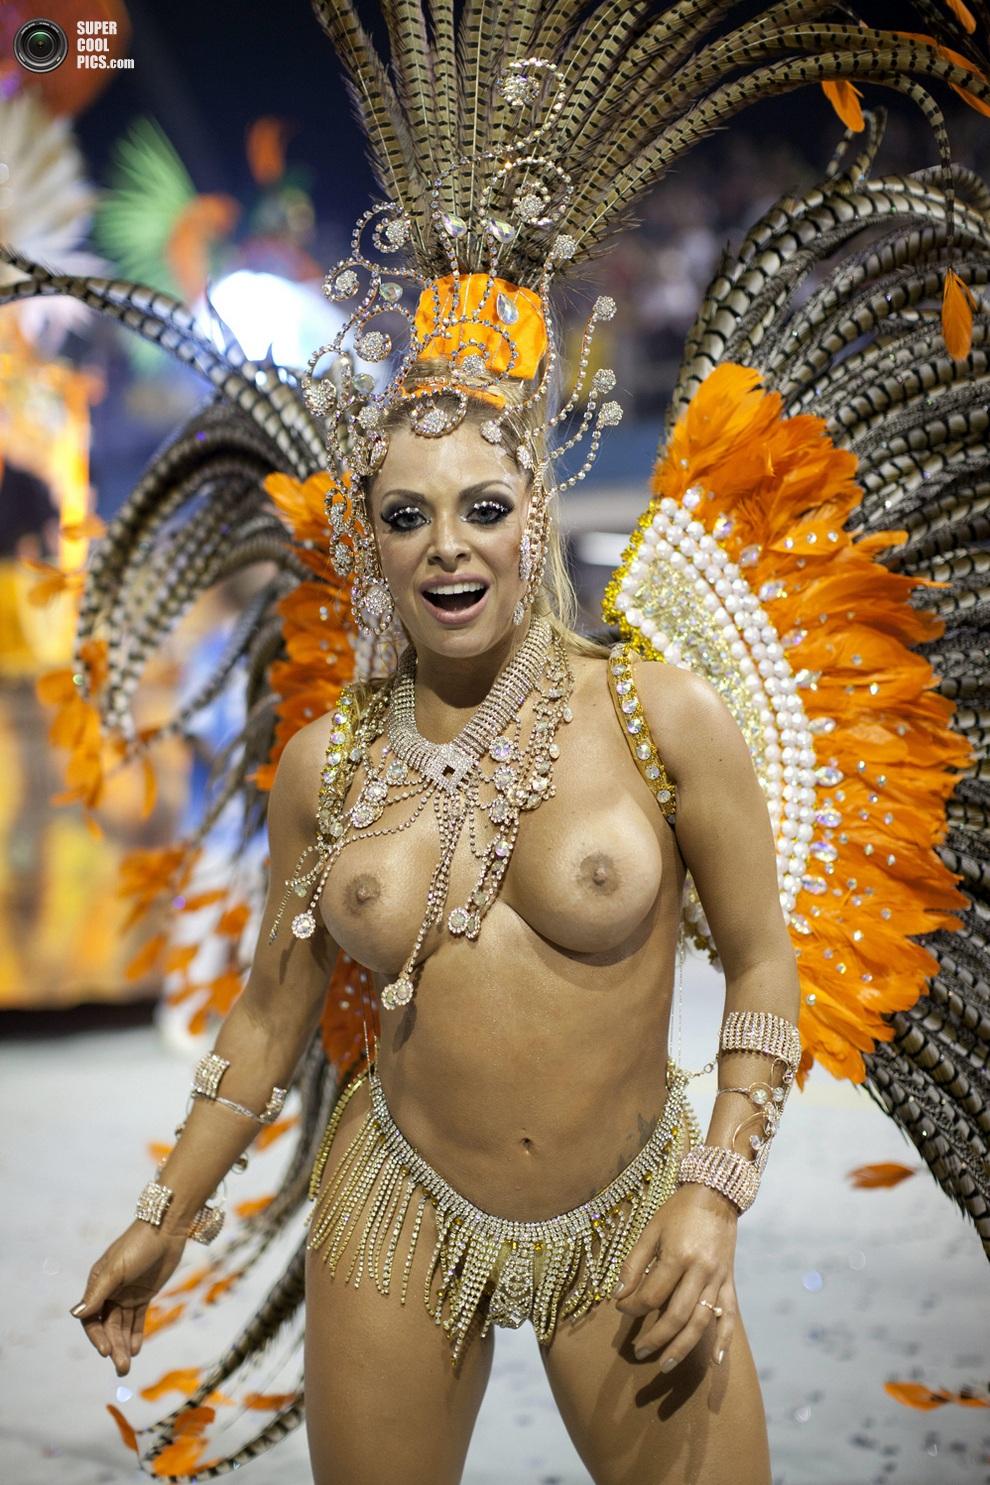 Смотреть фото голых бразильских девушек 16 фотография